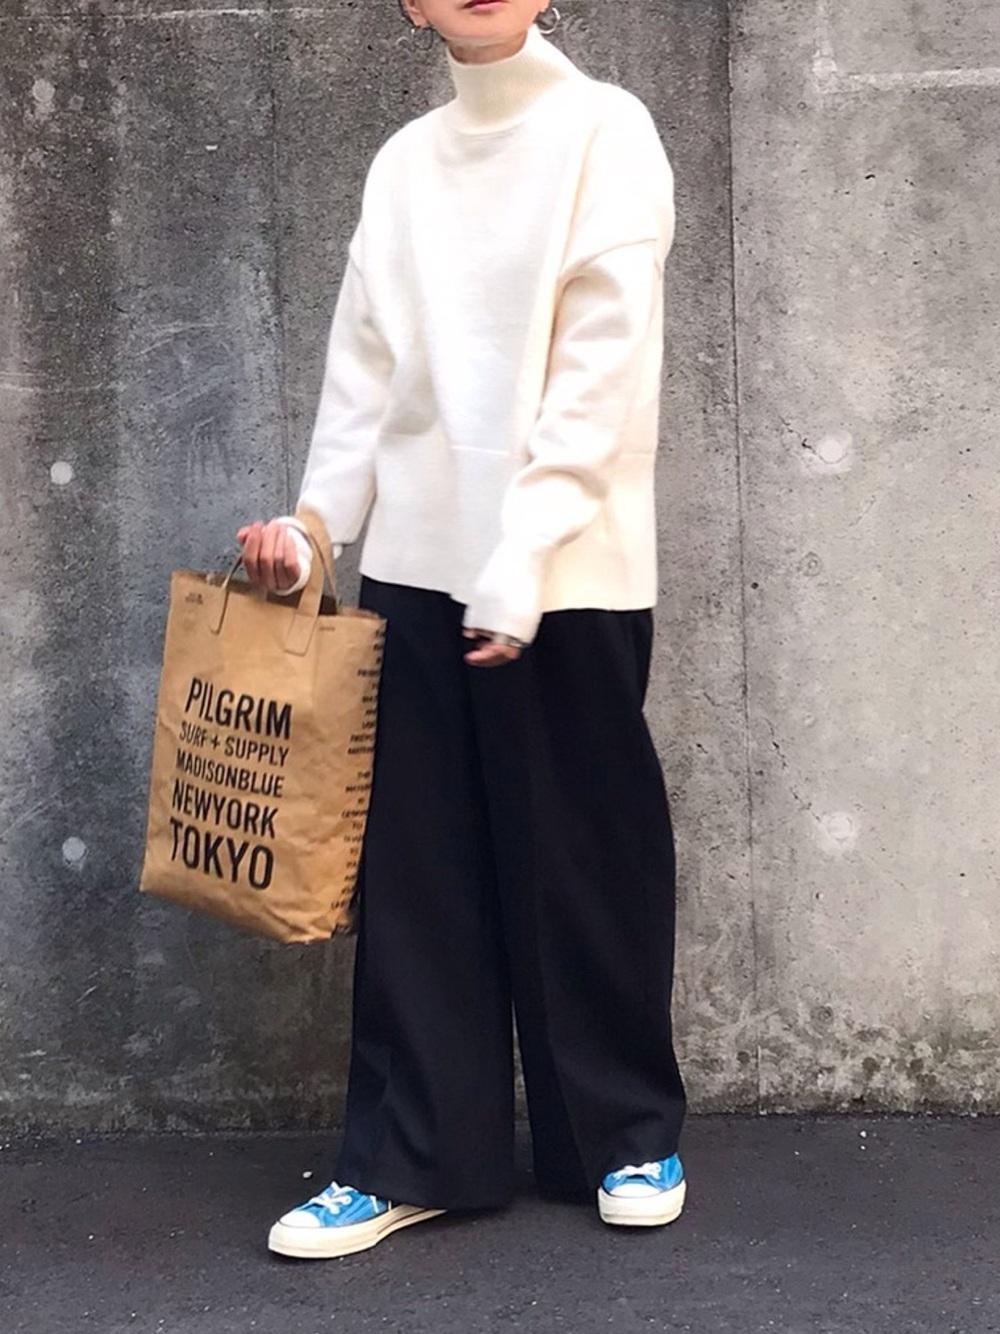 カラーハイカットスニーカー×ゆったりワイドパンツ high-cut-sneaker-ladies-style-with-wide-pants